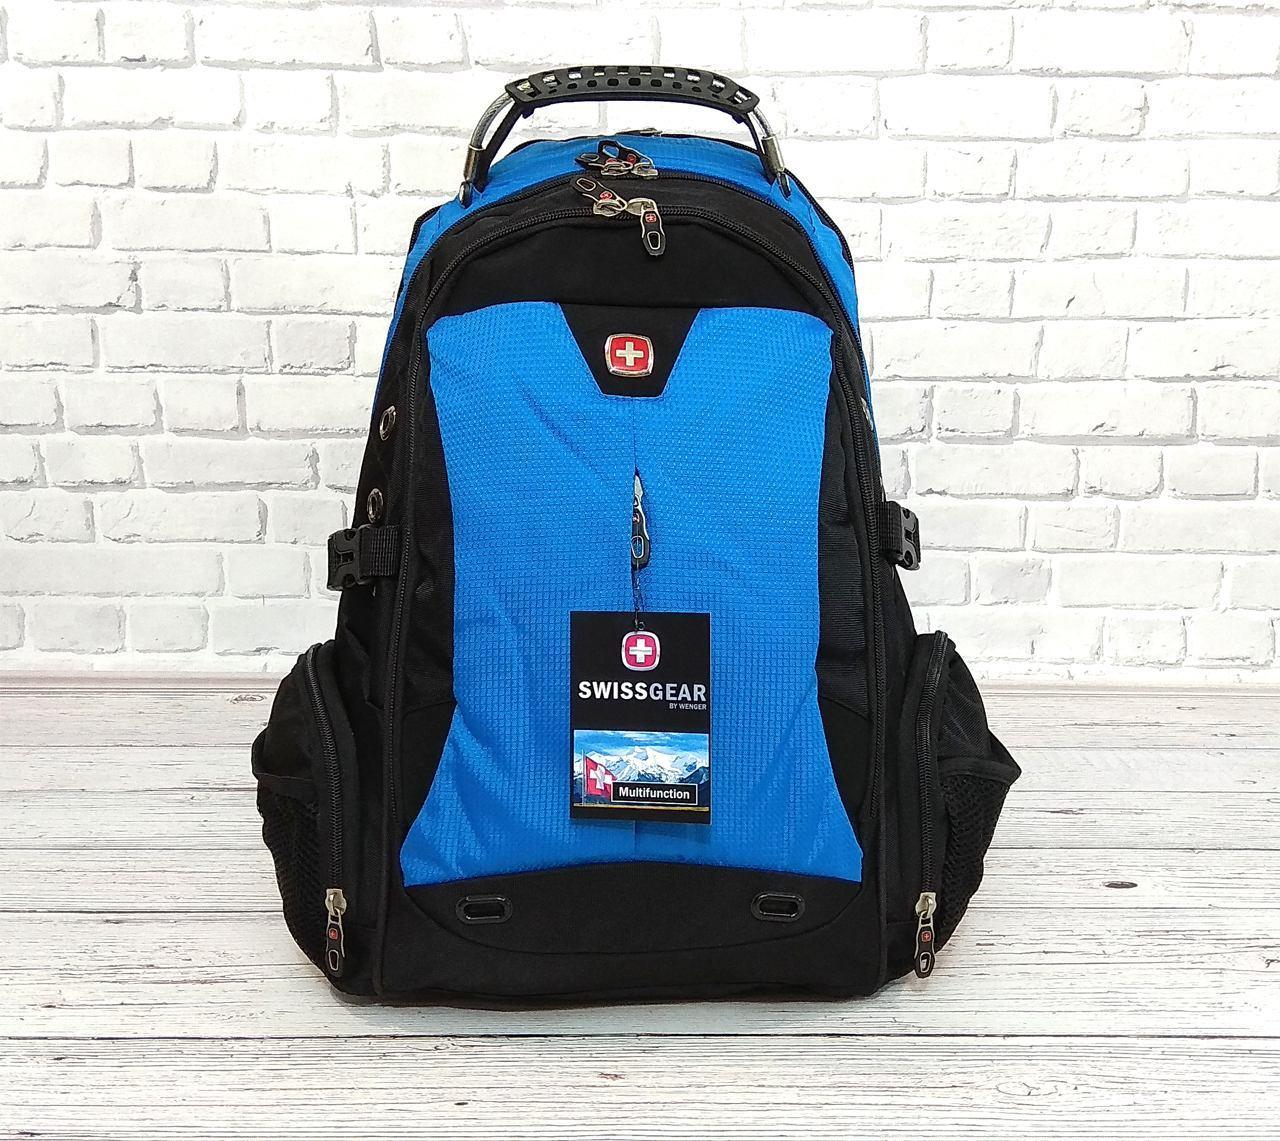 Місткий рюкзак. Чорний з синім. + Дощовик. 35L / s1531 blue